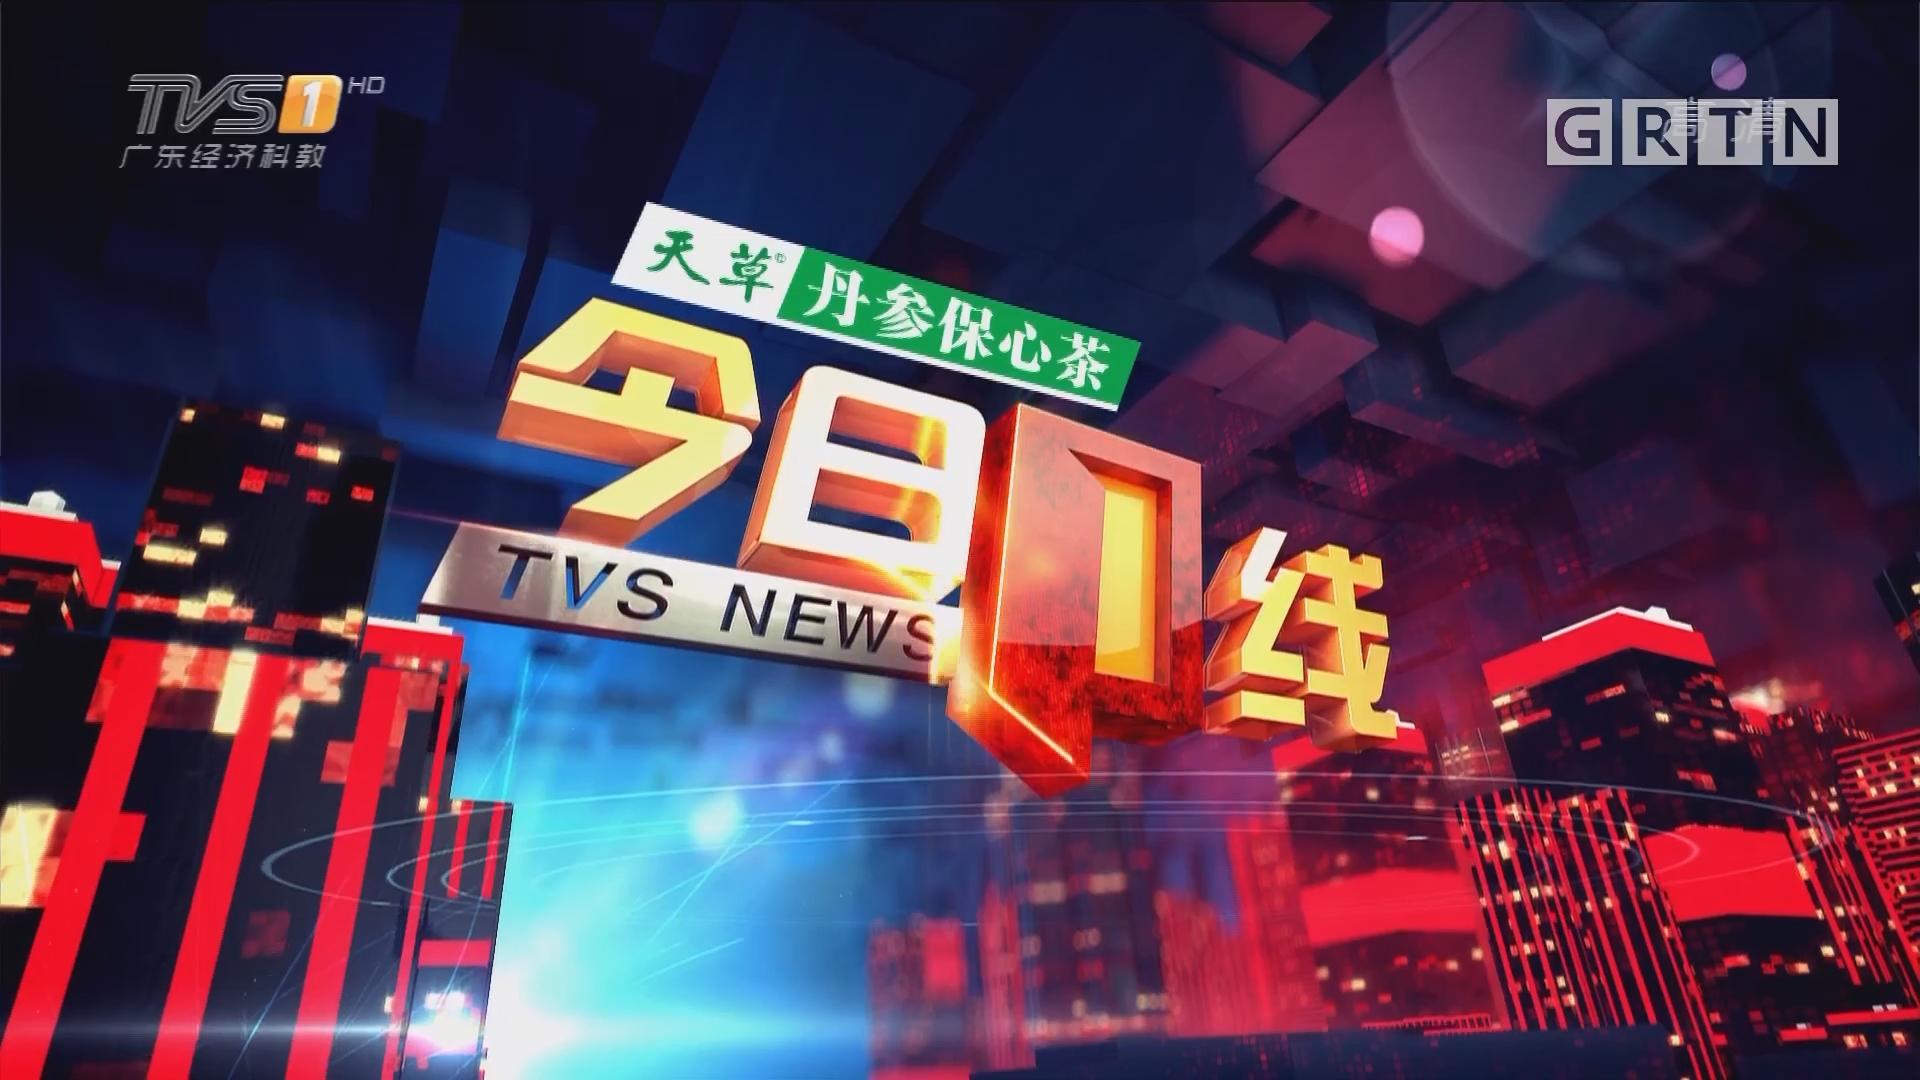 [HD][2018-02-18]今日一线:深圳:赏花灯逛庙会 15万人同游大鹏所城